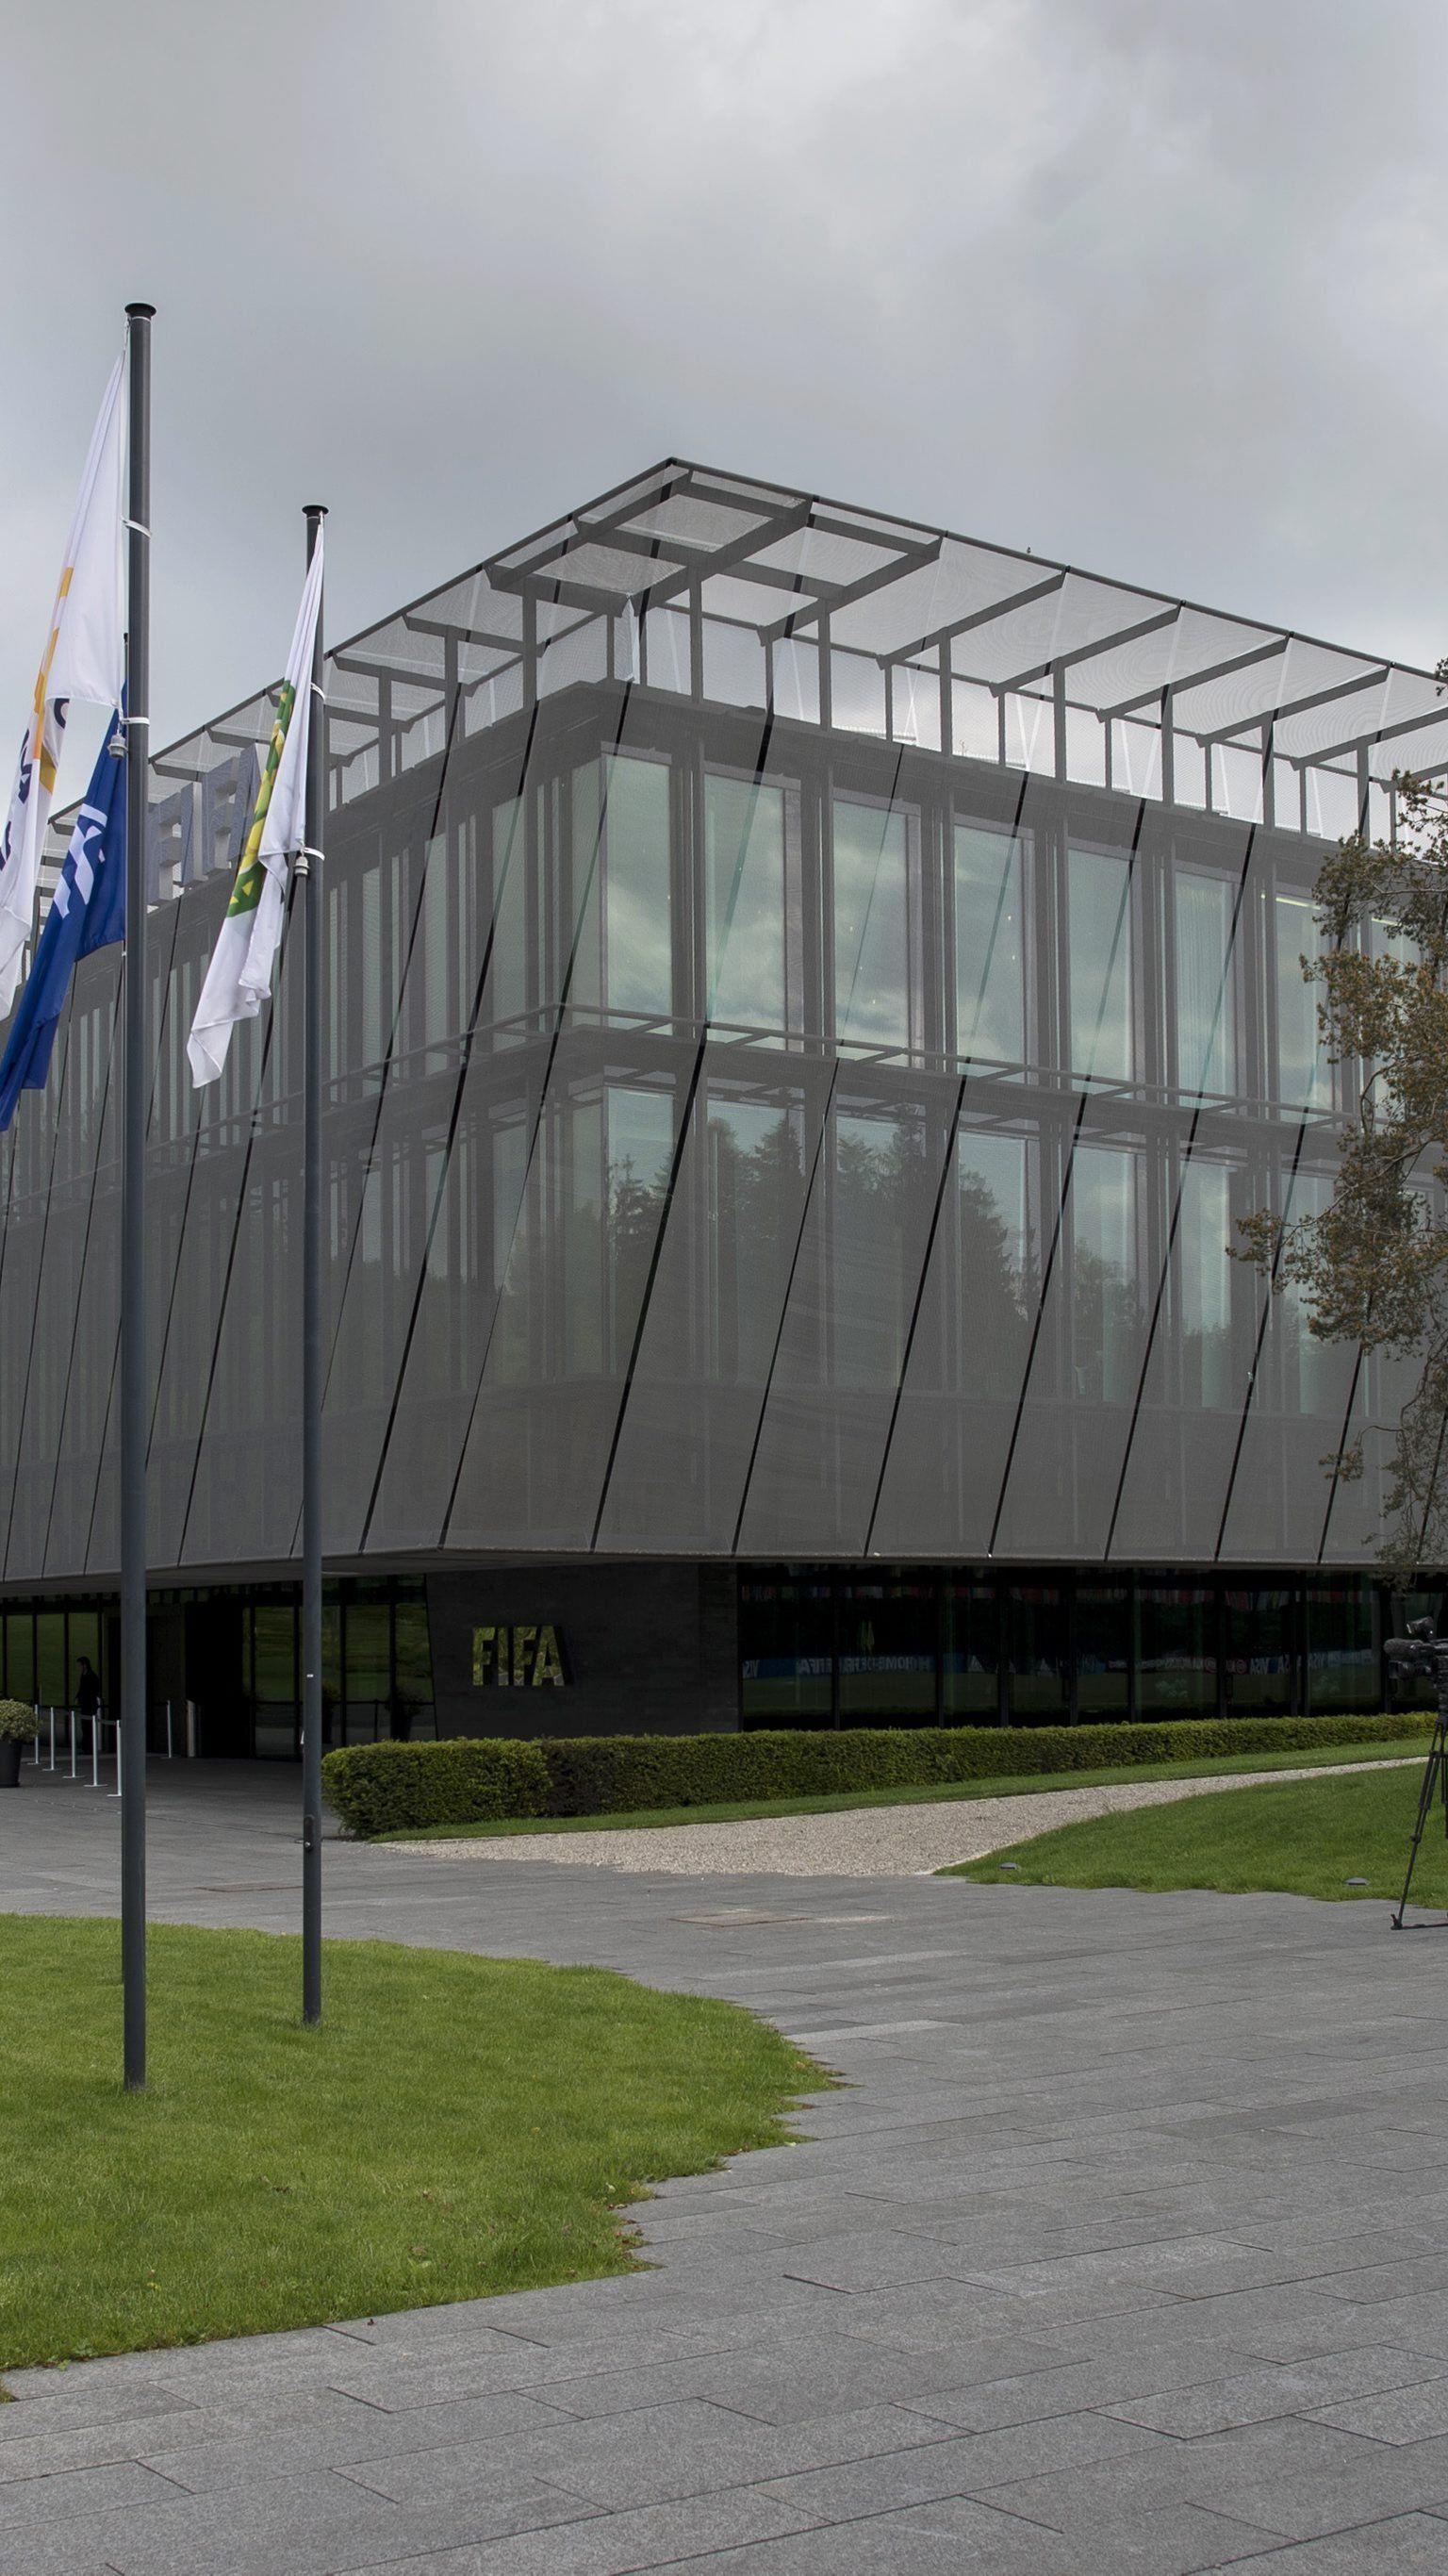 Razzia im Hauptquartier der FIFA.